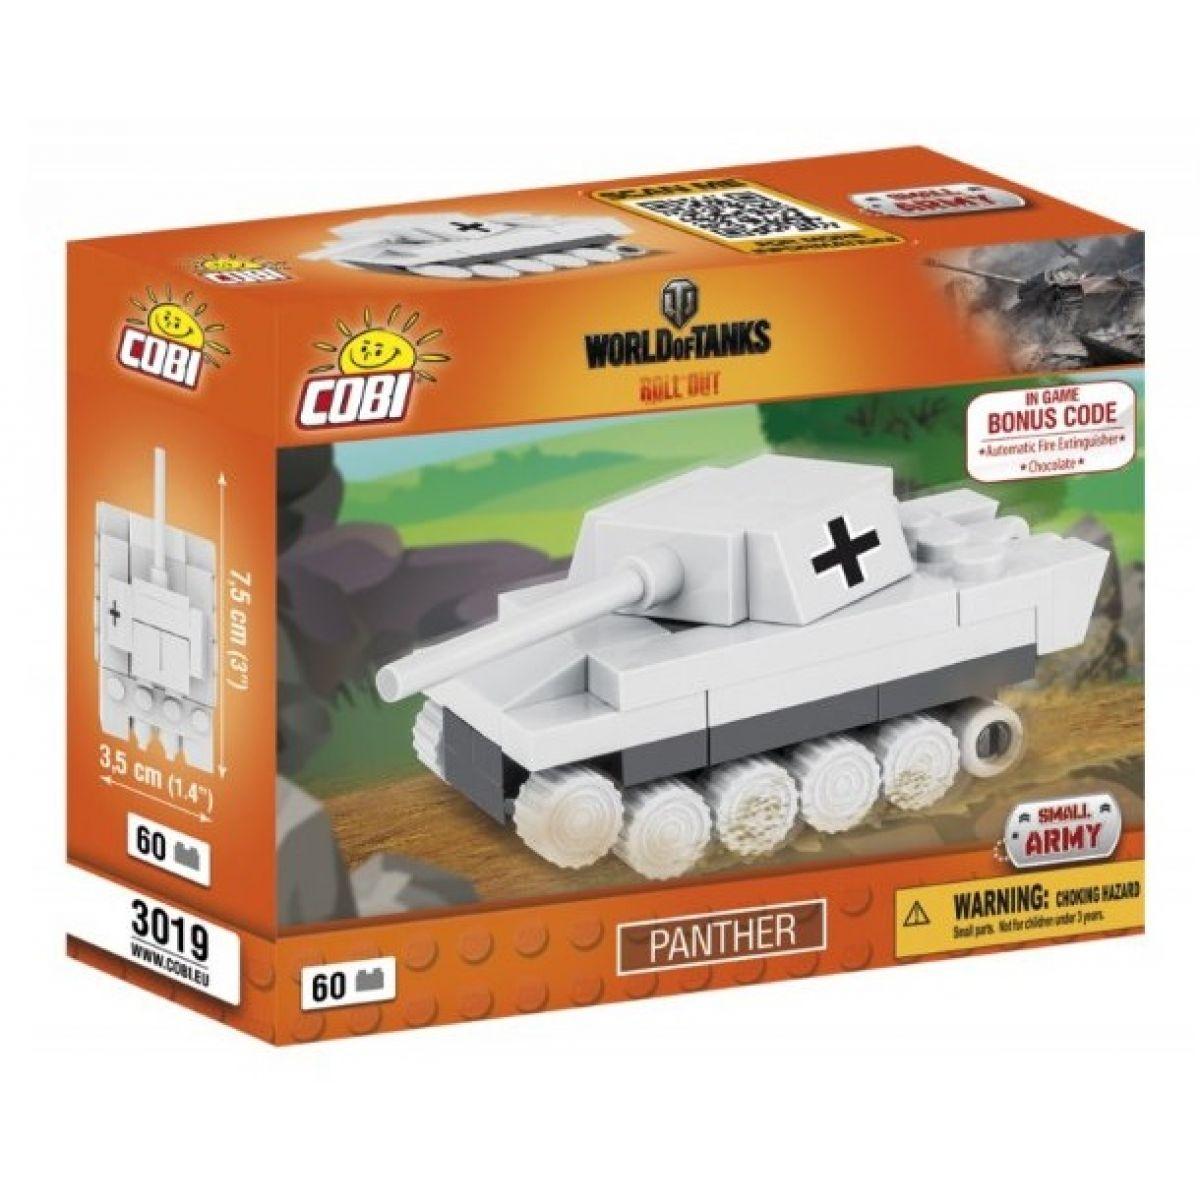 COBI 3019 WORLD of TANKS Nano Tank Panther 60 k